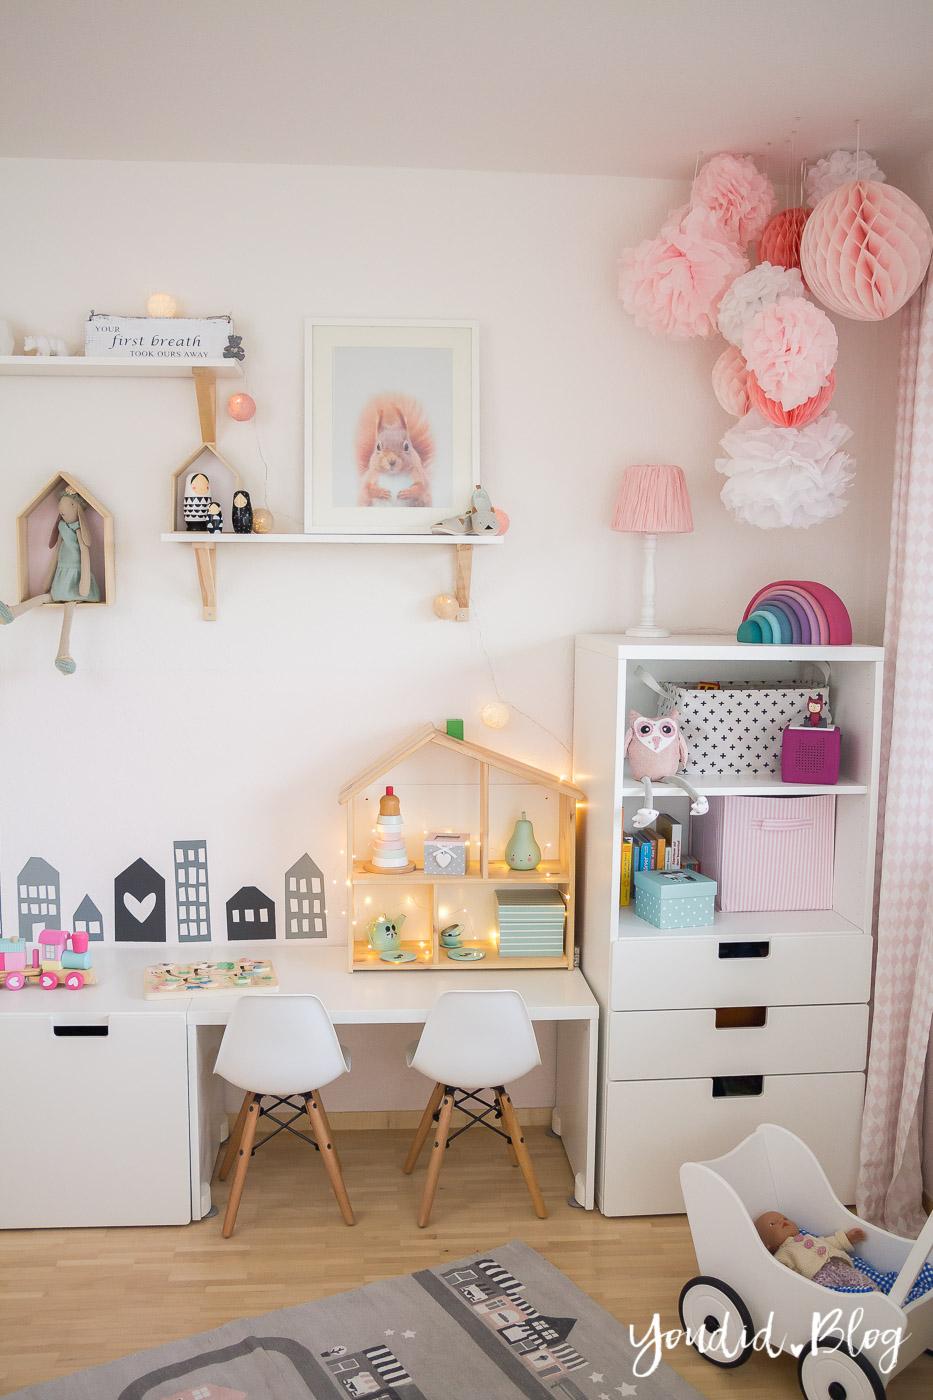 Farbwirkung auf babys und kleinkinder unser skandinavisches kinderzimmer mit alpina youdid - Alpina kinderzimmer ...